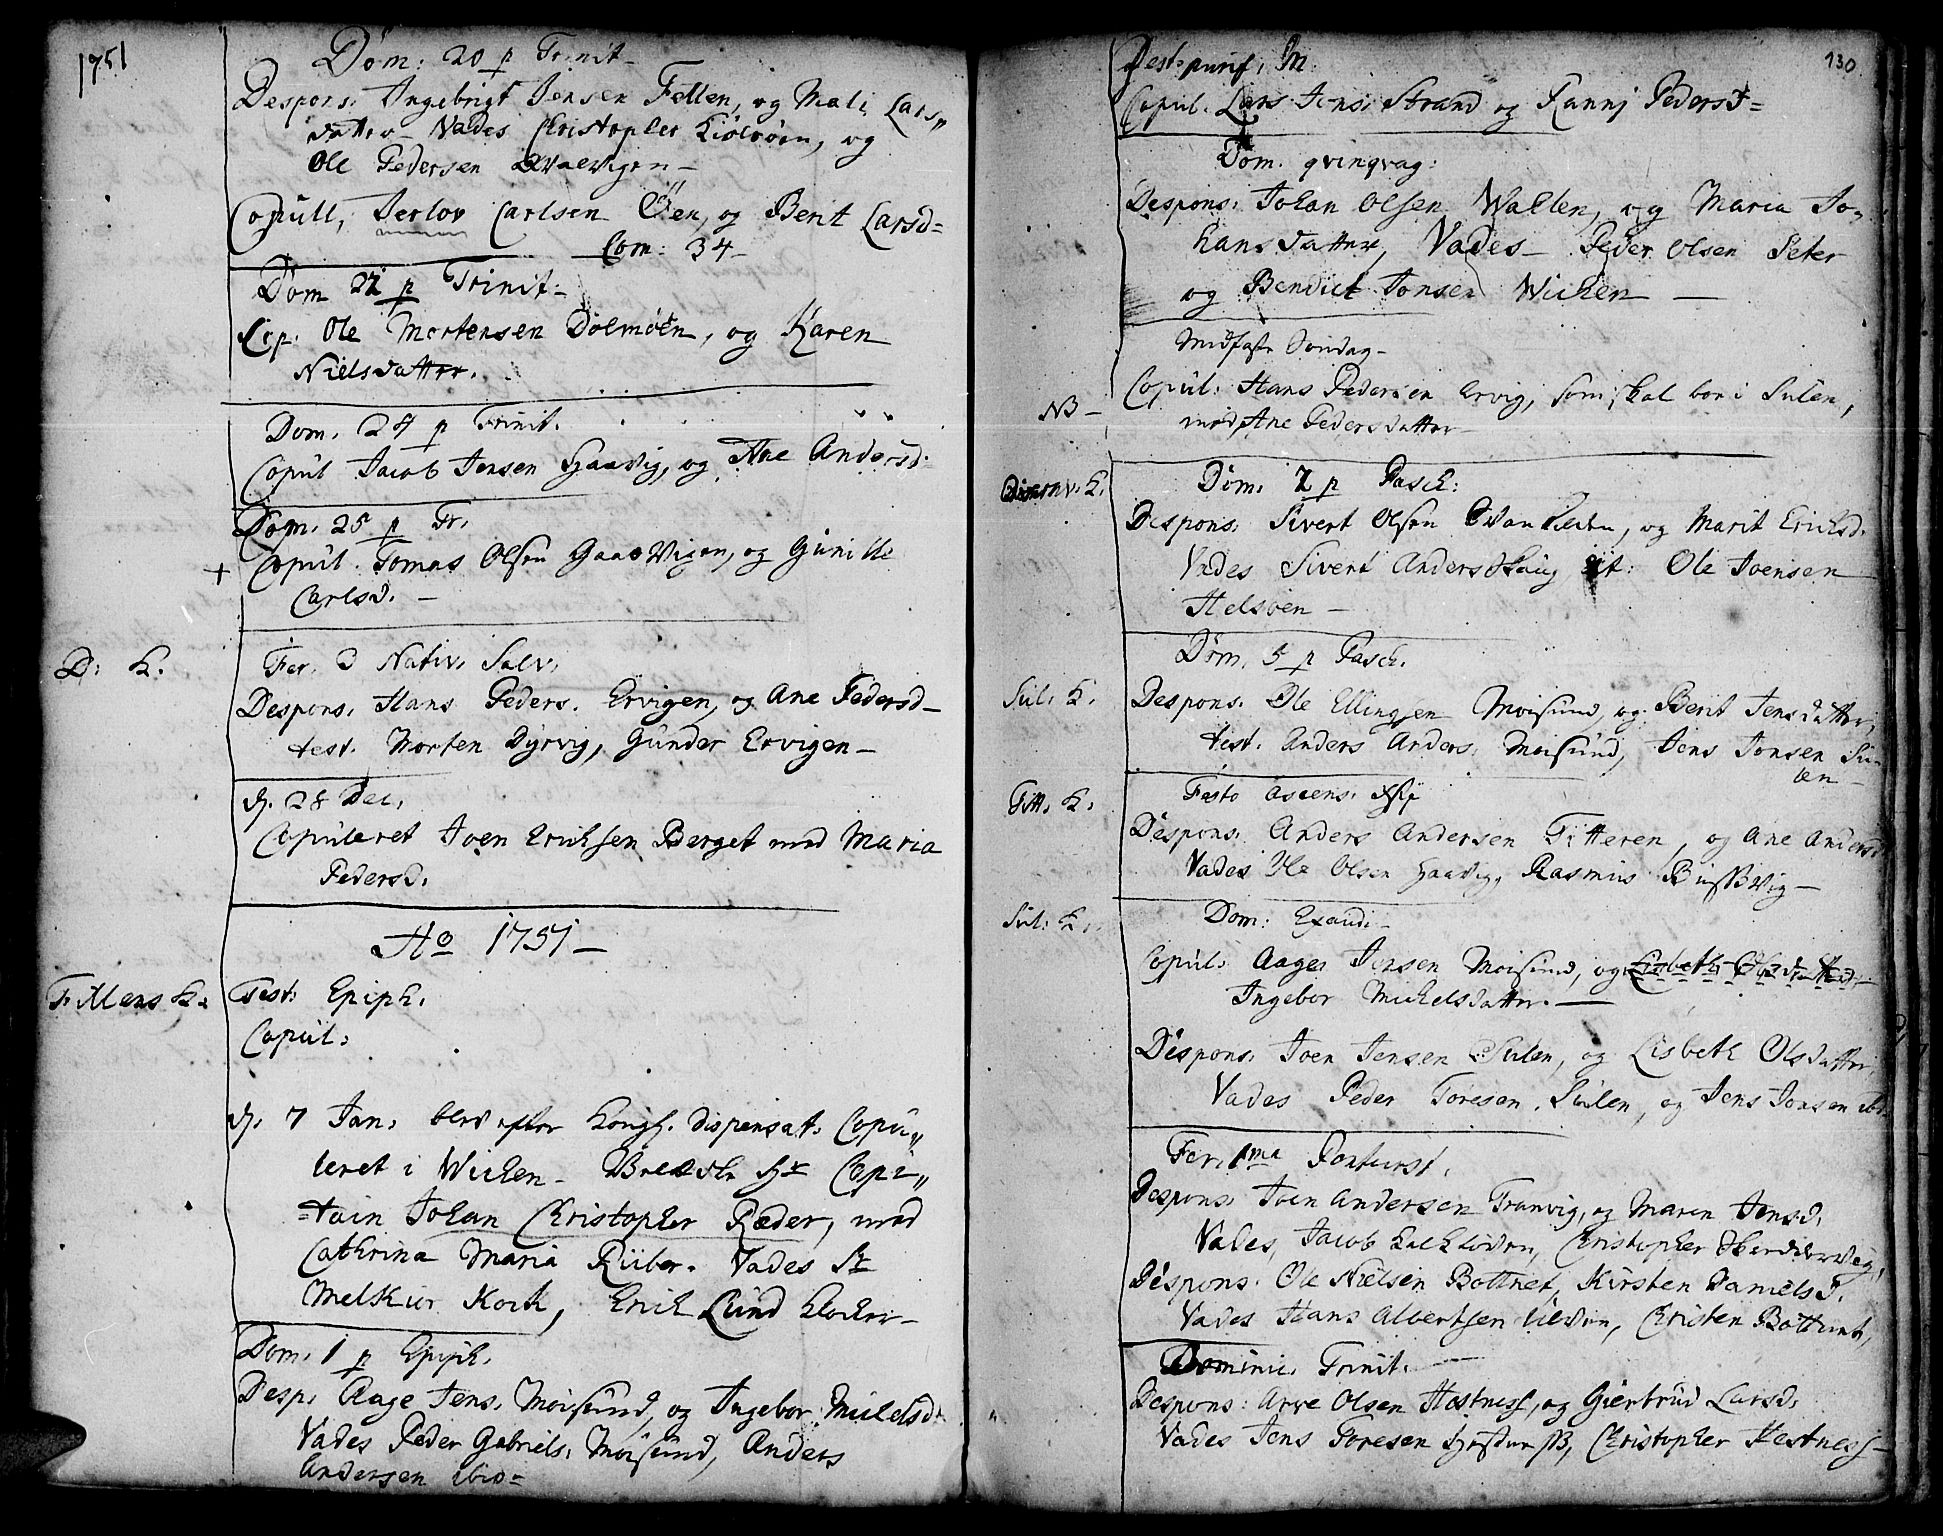 SAT, Ministerialprotokoller, klokkerbøker og fødselsregistre - Sør-Trøndelag, 634/L0525: Ministerialbok nr. 634A01, 1736-1775, s. 130